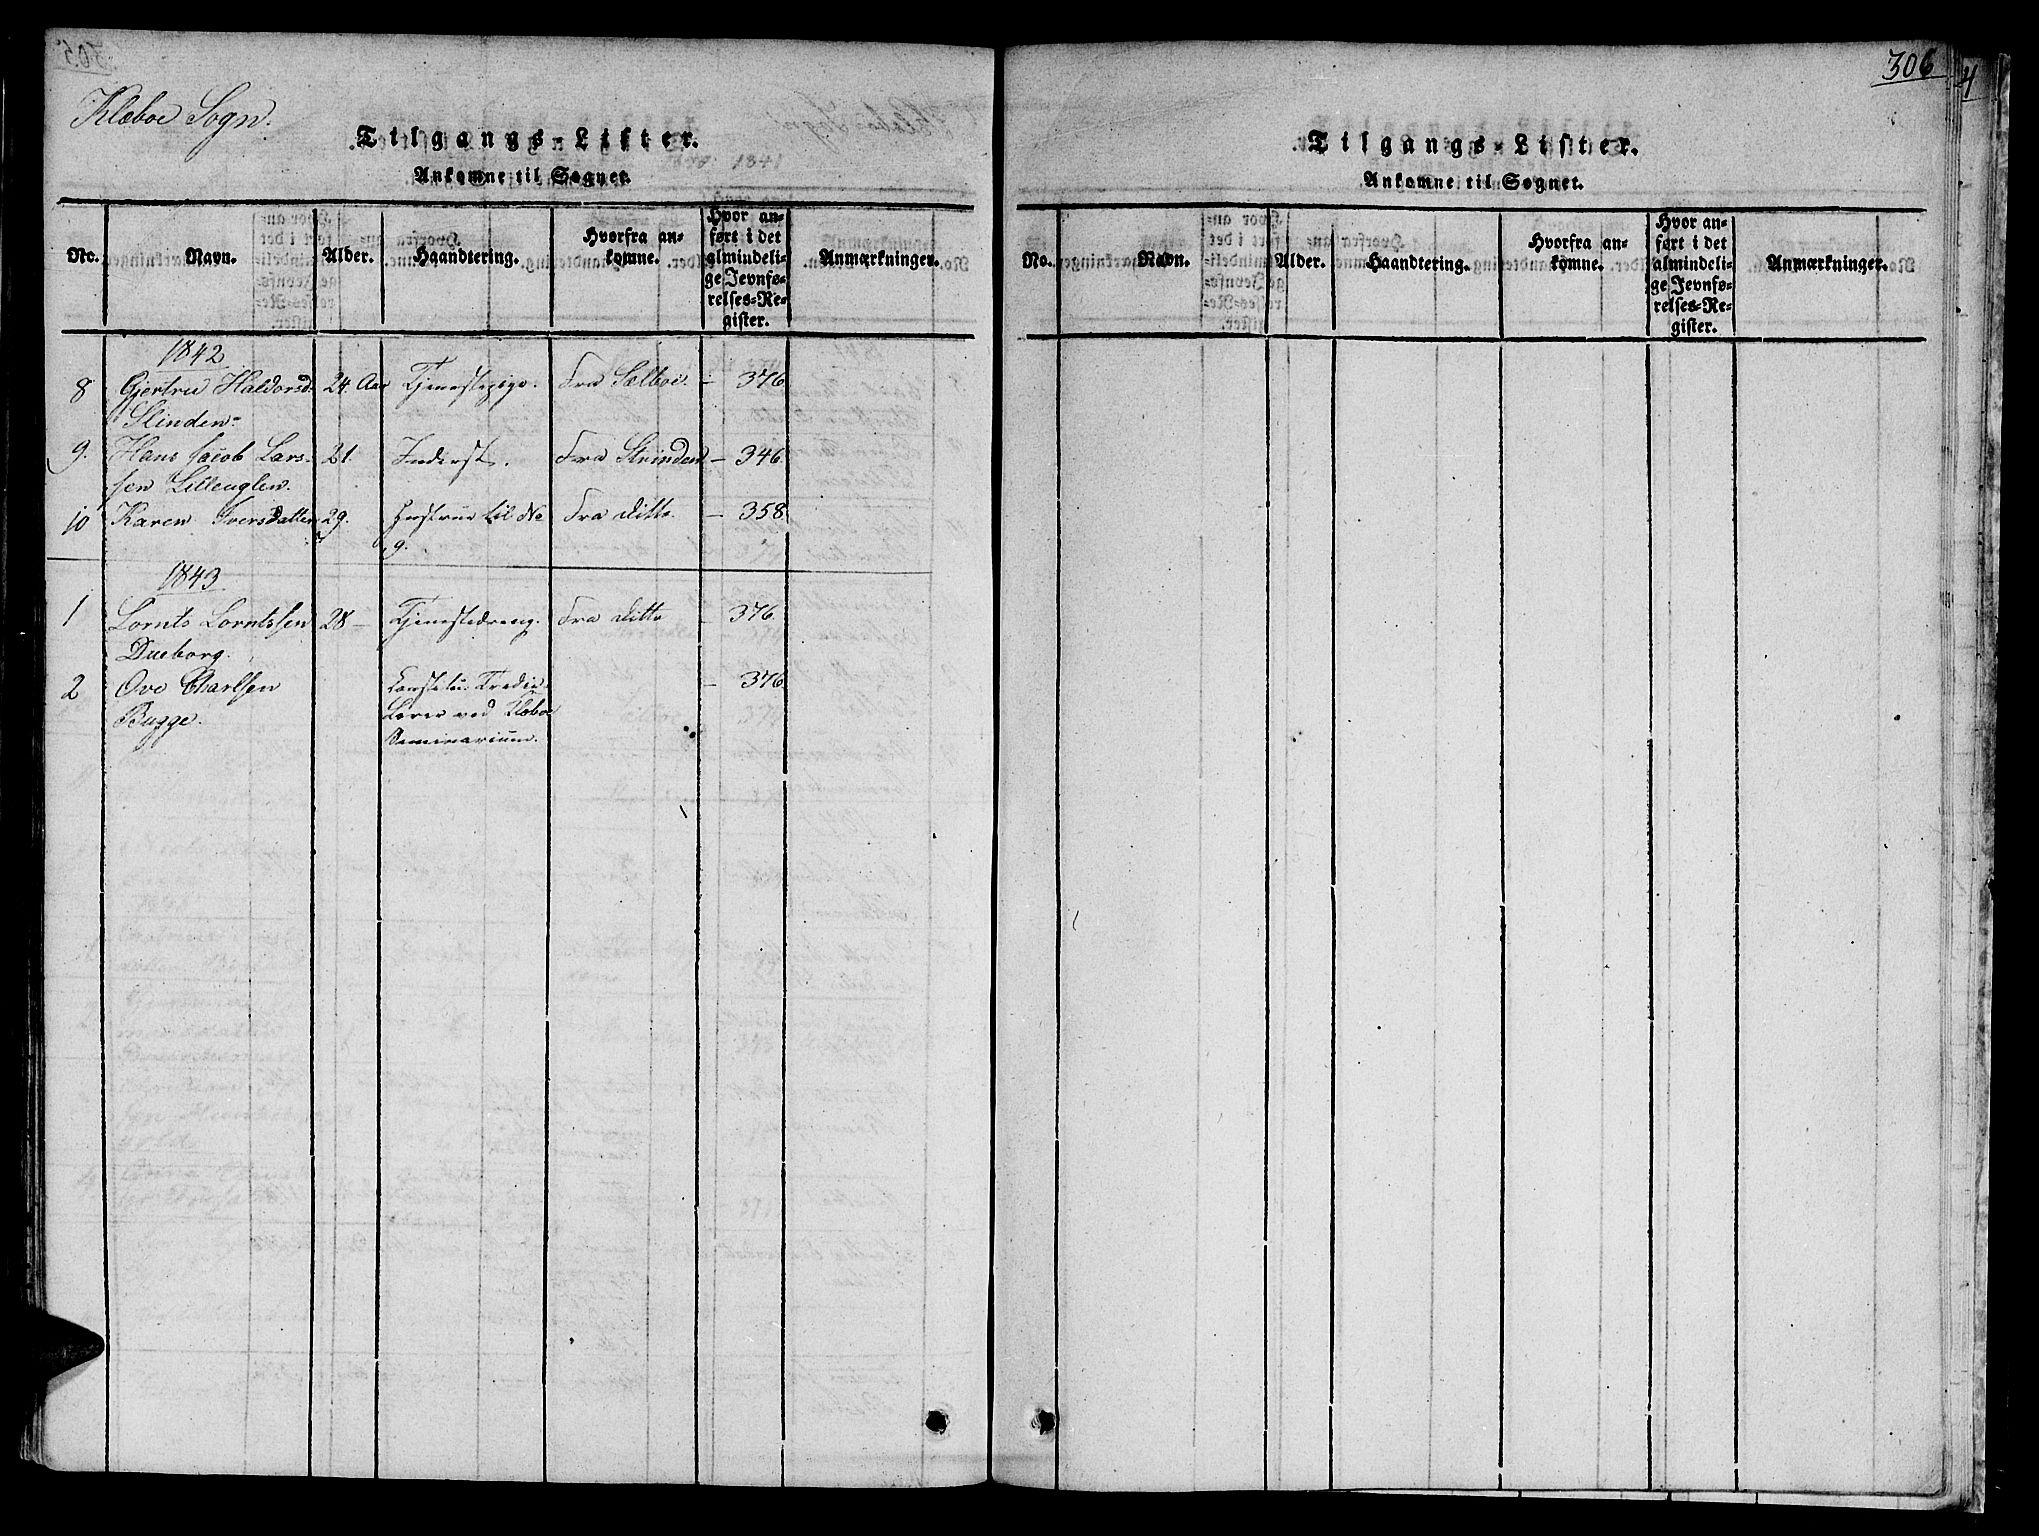 SAT, Ministerialprotokoller, klokkerbøker og fødselsregistre - Sør-Trøndelag, 618/L0439: Ministerialbok nr. 618A04 /1, 1816-1843, s. 306